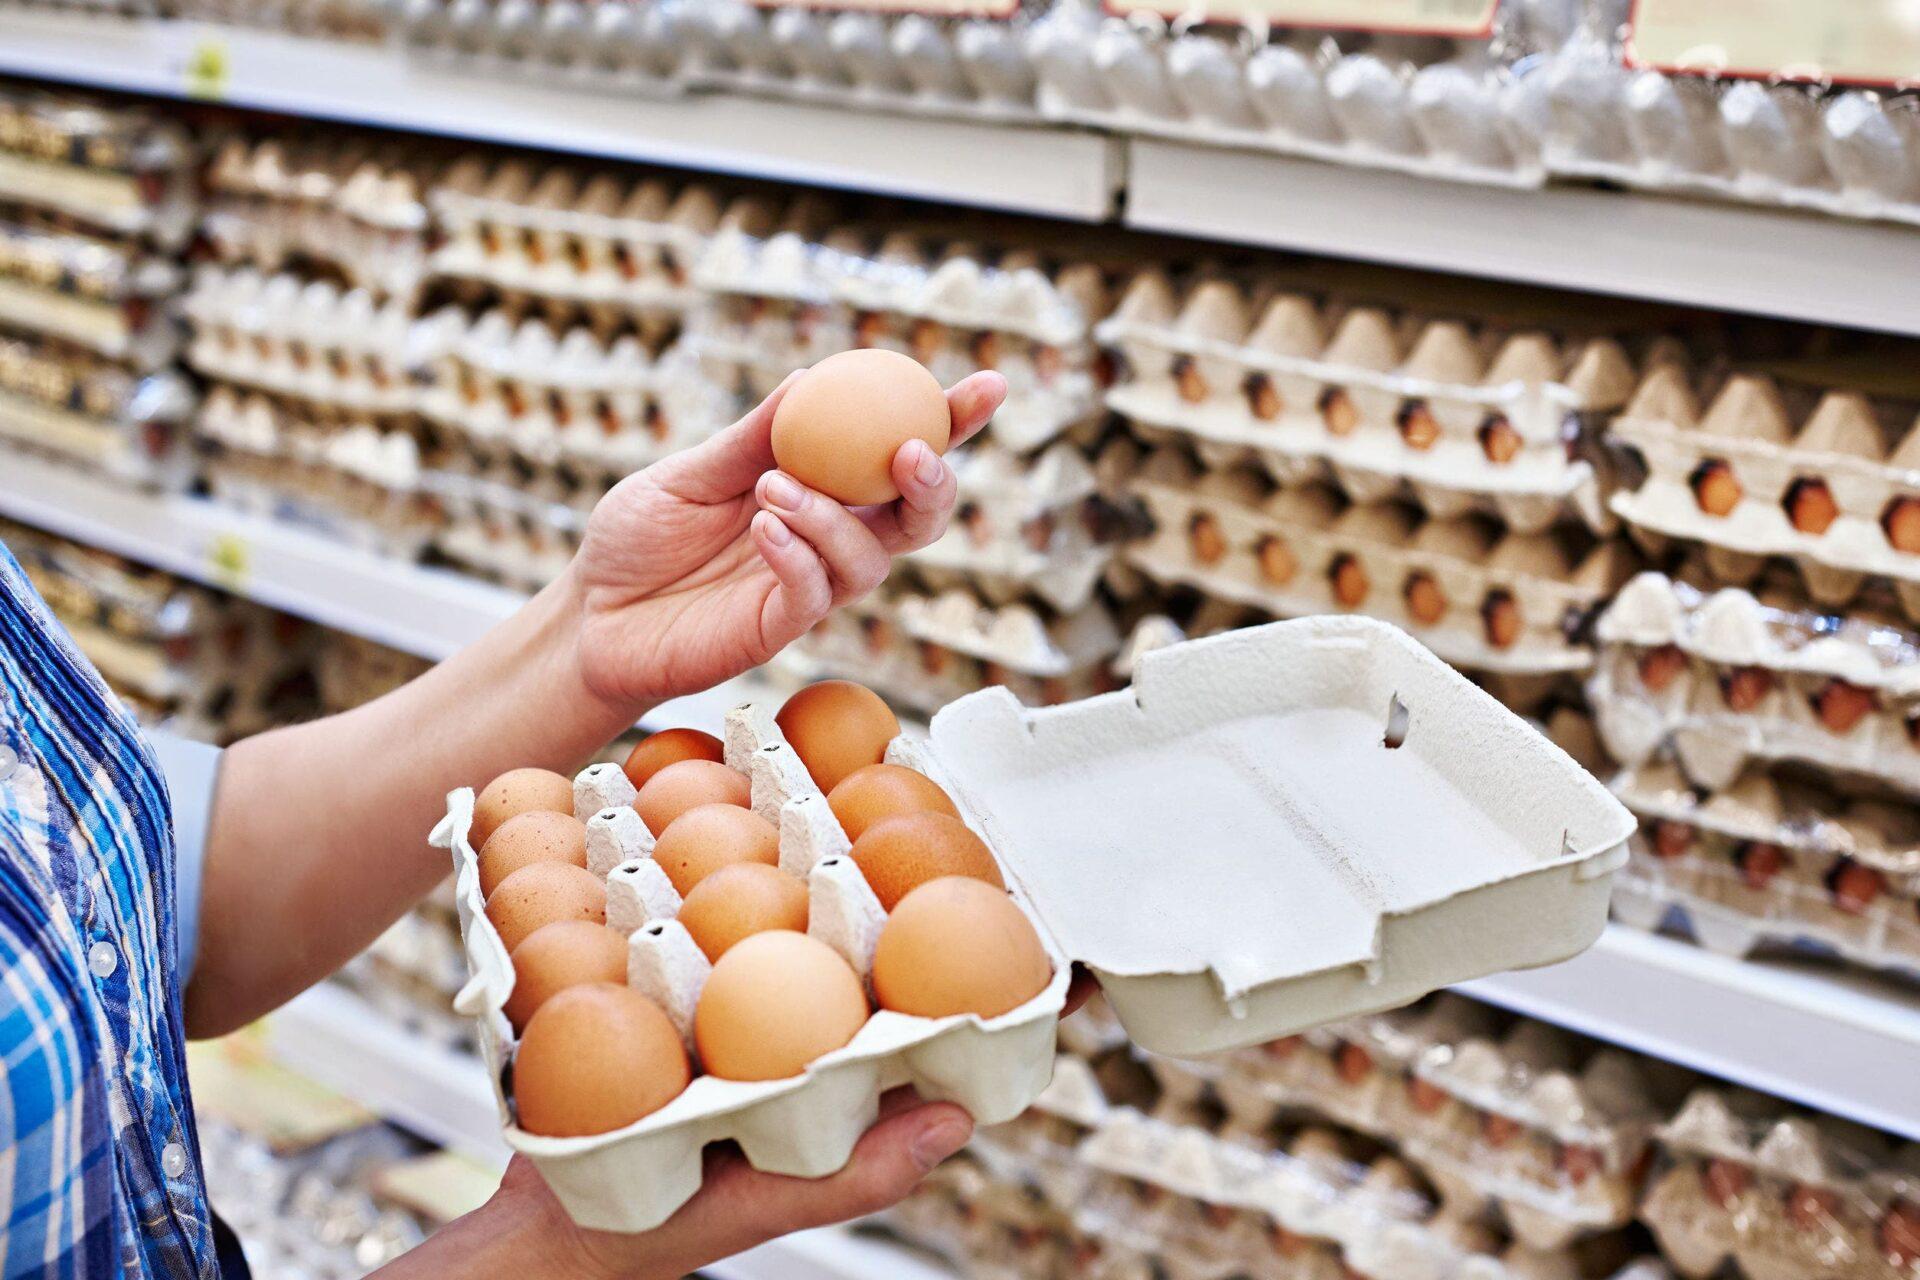 В Марий Эл самое дешевое сливочное масло, но самые дорогие куриные яйца